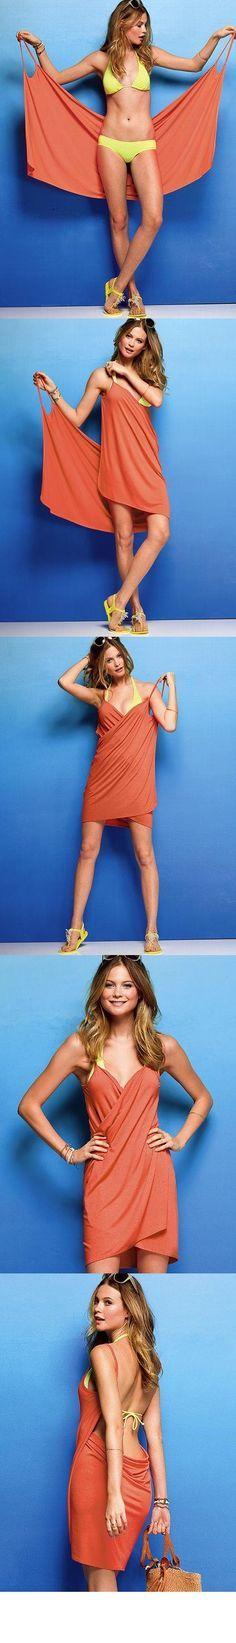 ¡Guau!, vestido espectacular con un trozo de tela rectangular y remates en forma de asa de cubo...